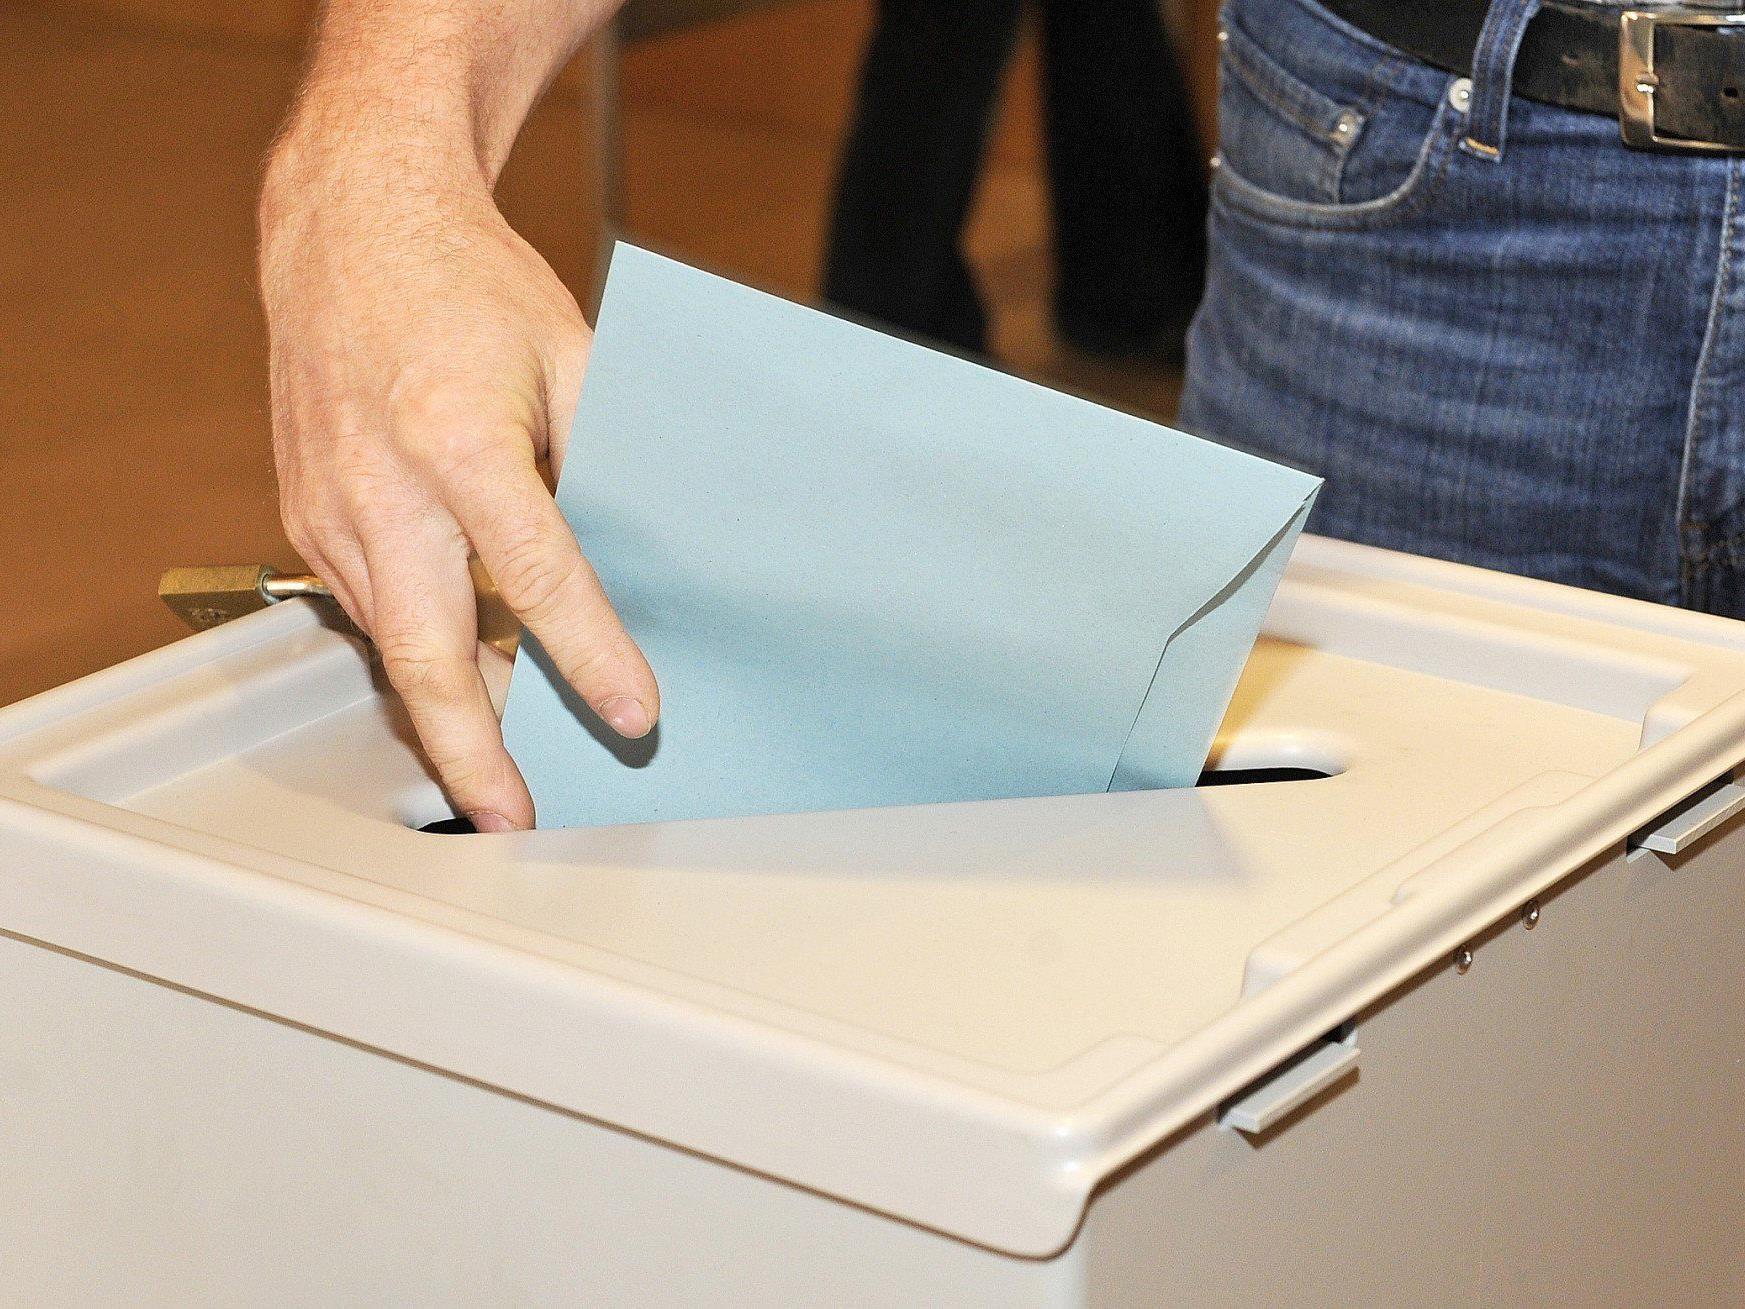 Am Sonntag sind auch Jugendliche ab 16 zum Wählen aufgerufen.